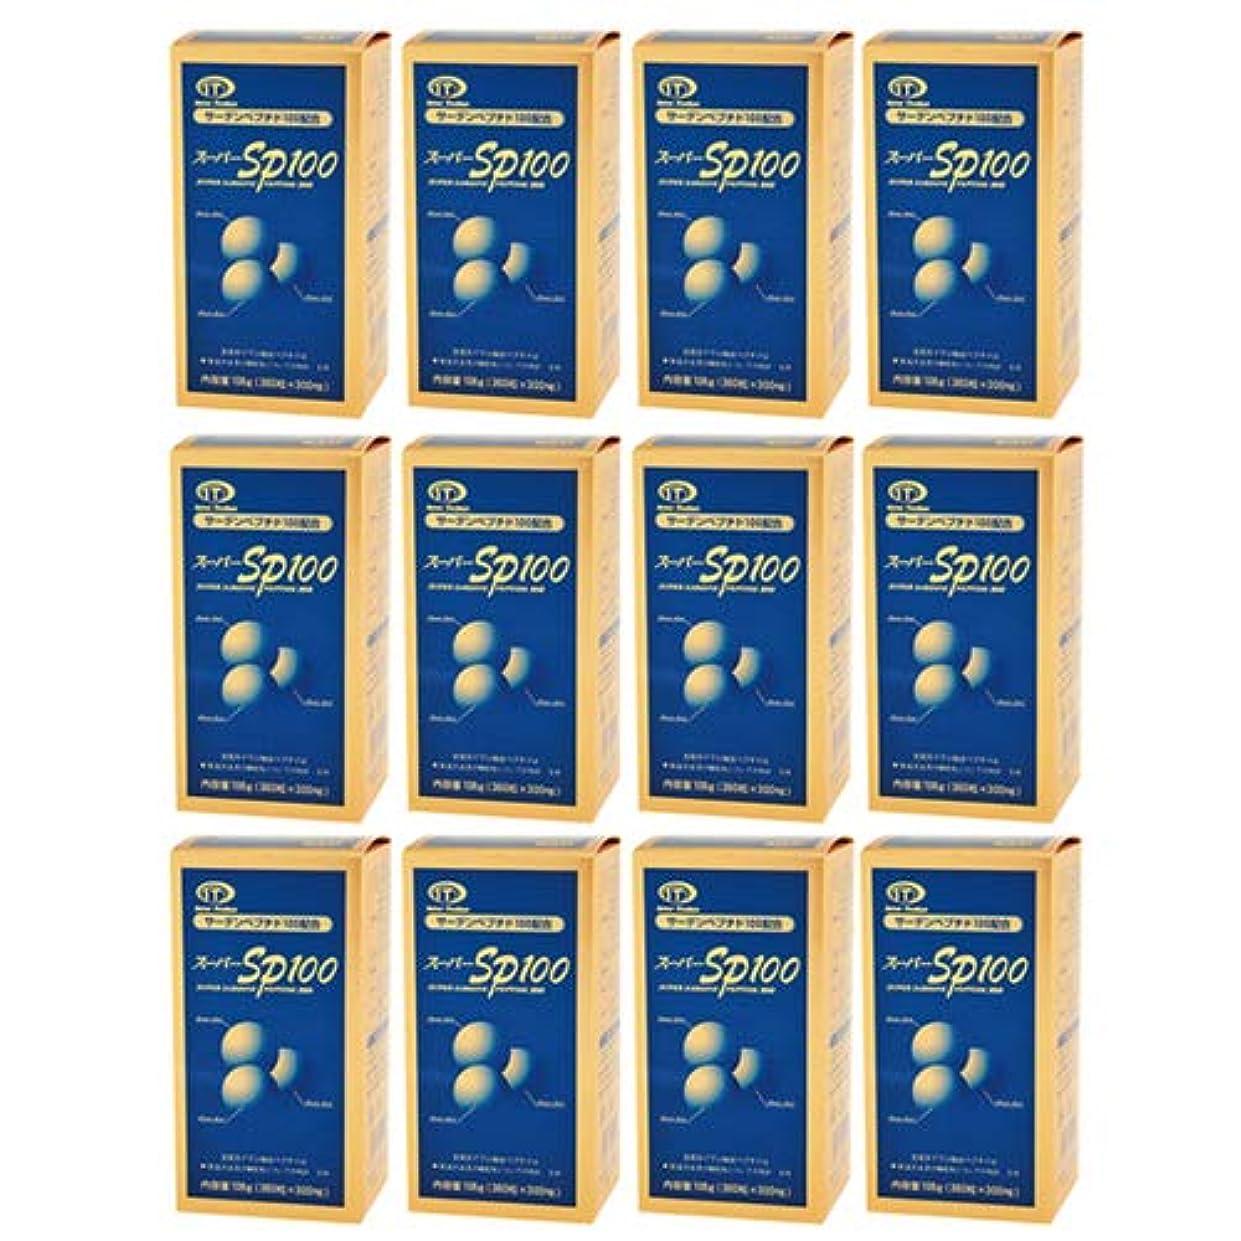 パウダーロードハウス話すスーパーSP100(イワシペプチド)(360粒) 12箱